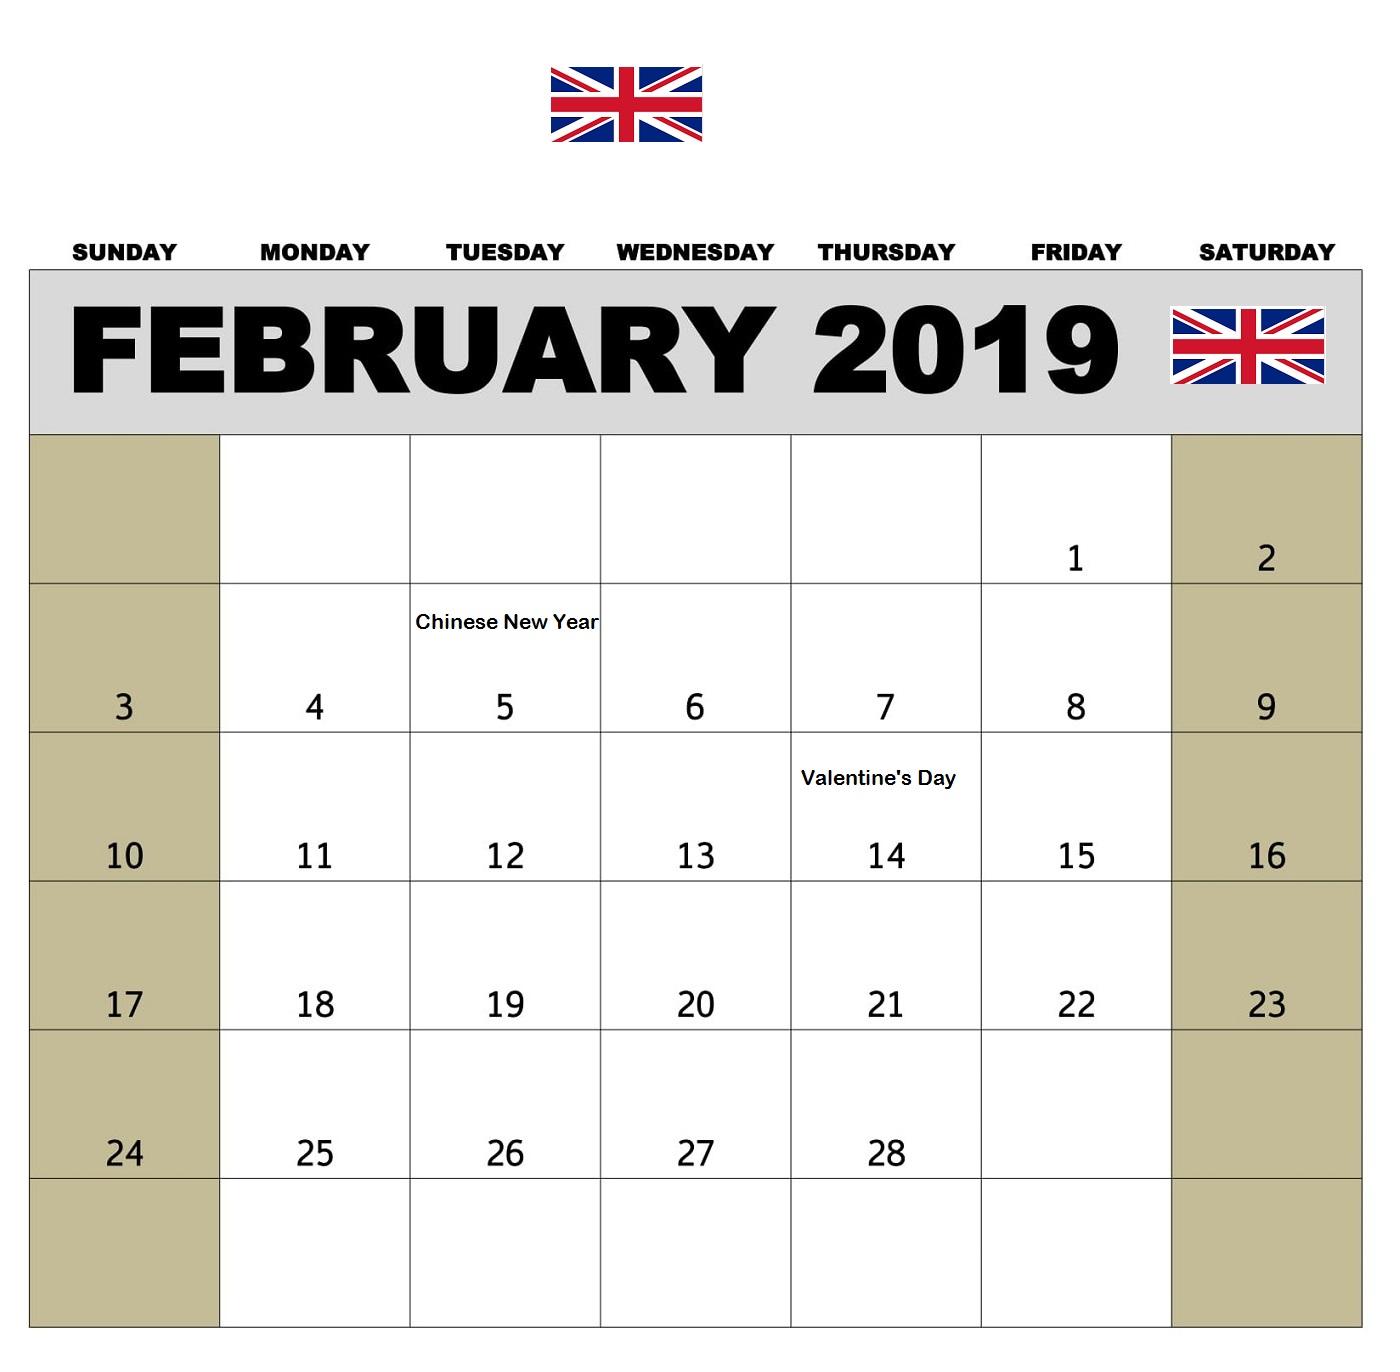 February 2019 Calendar UK With Public Holidays